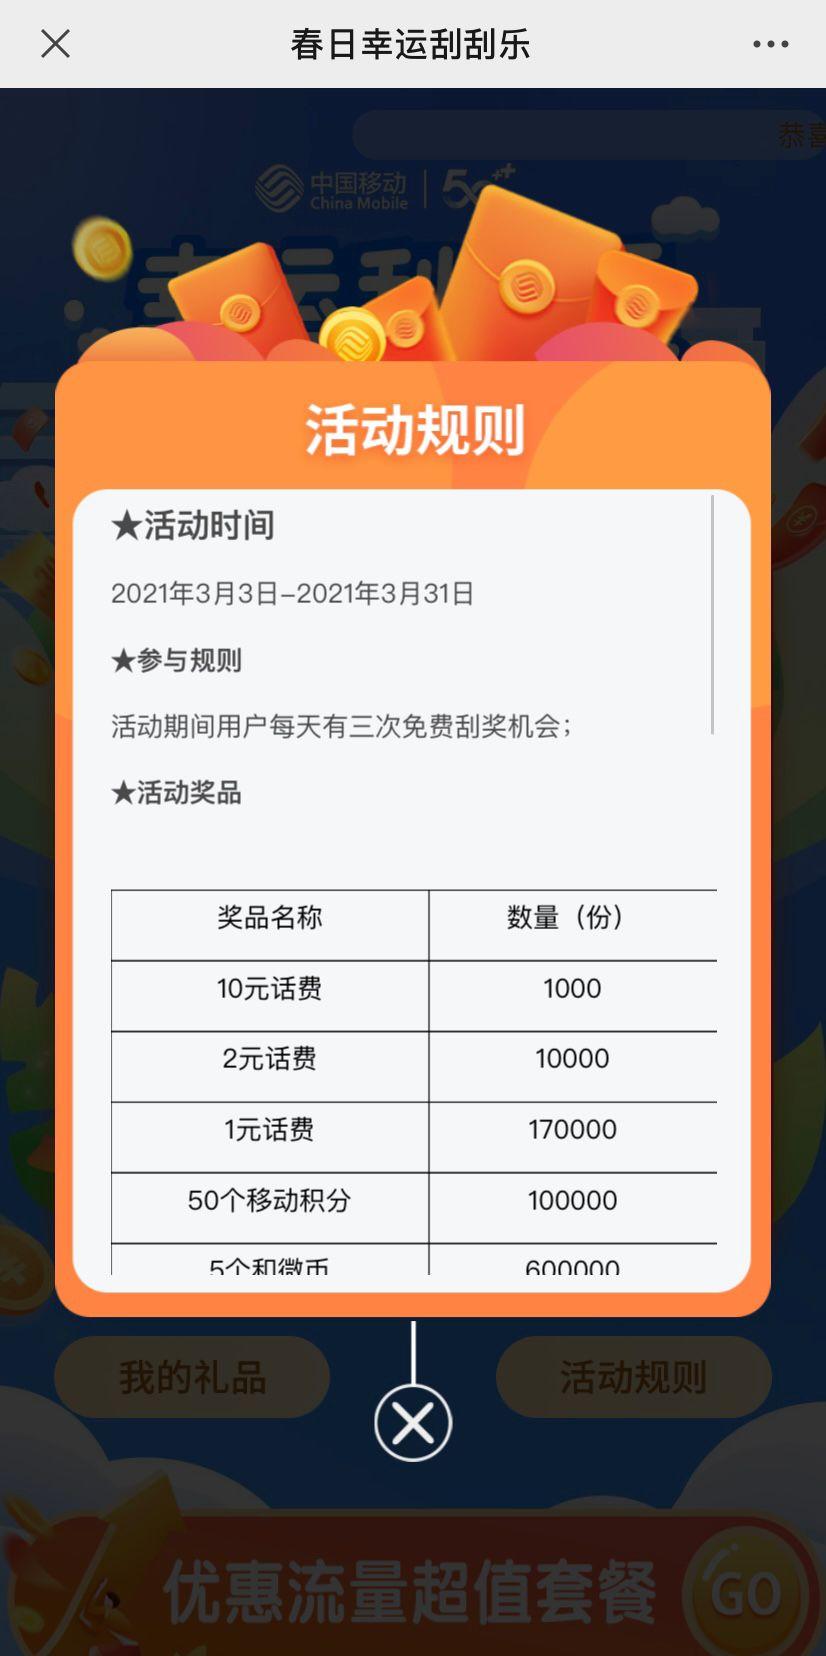 中国移动刮刮乐有概率获得10元话费